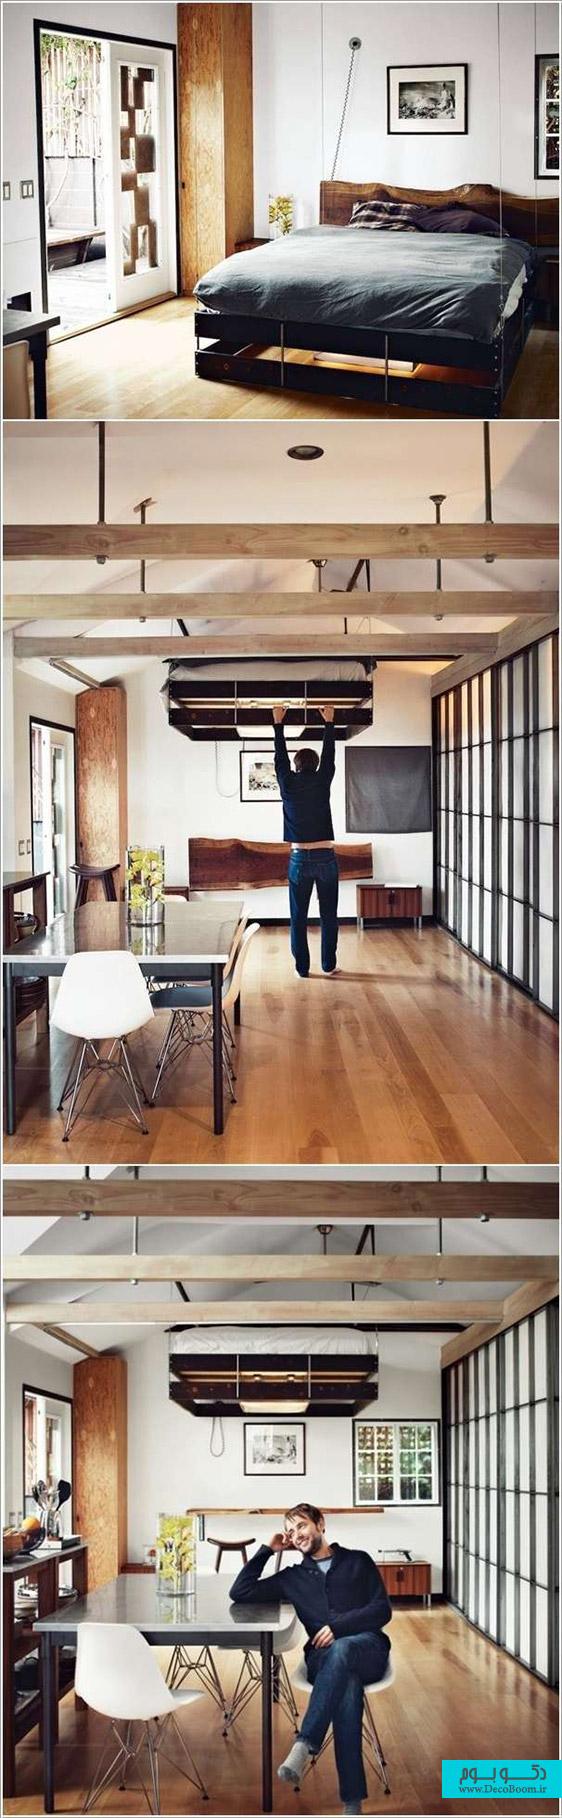 10 پیشنهاد برای دکوراسیون داخلی فضاهای کوچک خانه